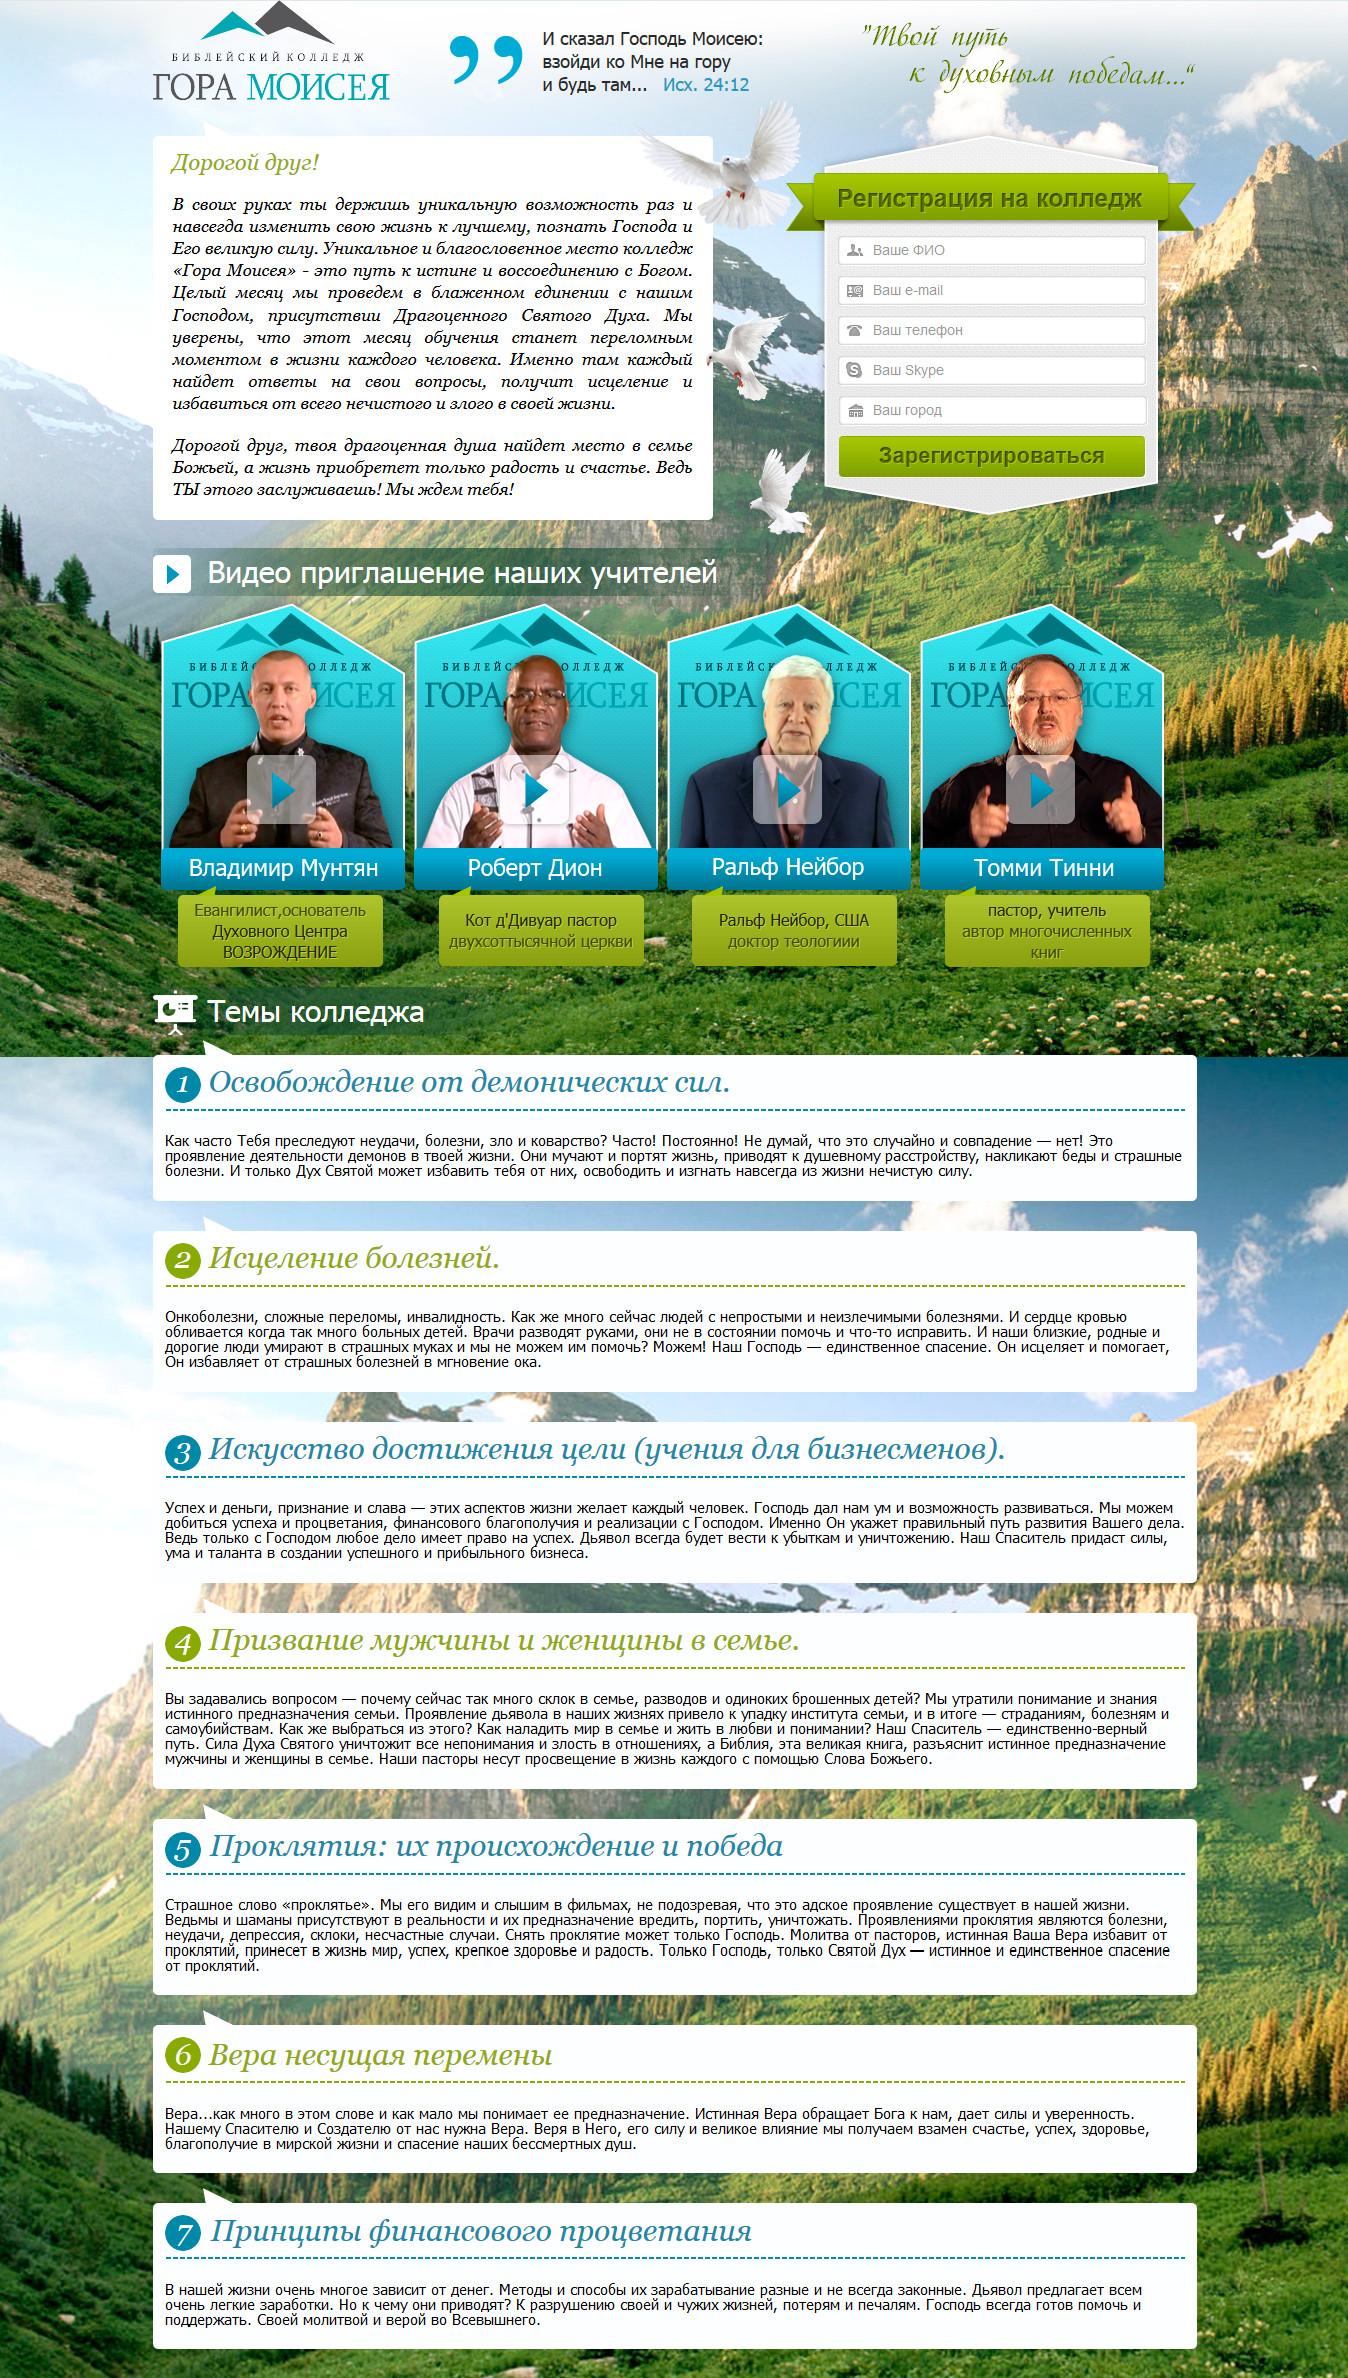 Landing page Колледж гора Моисей